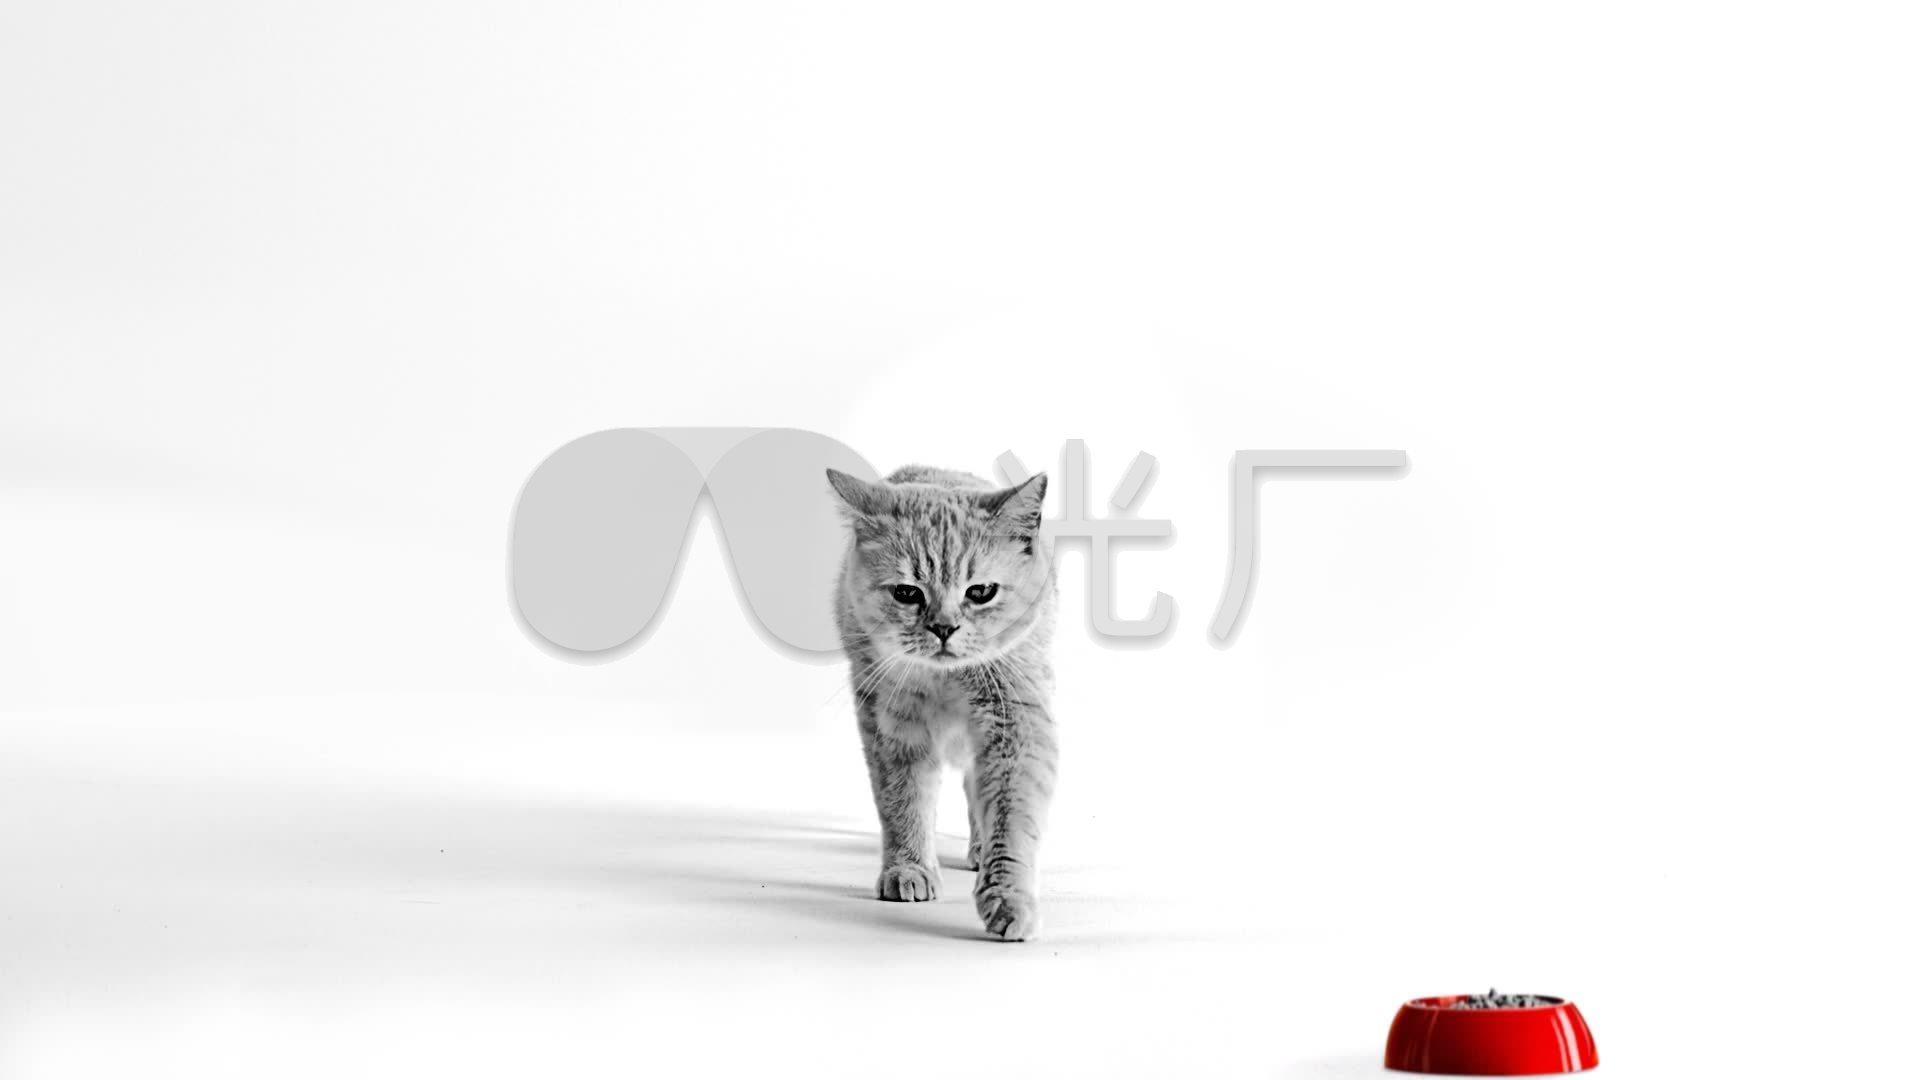 唯美可爱猫咪宠物世界